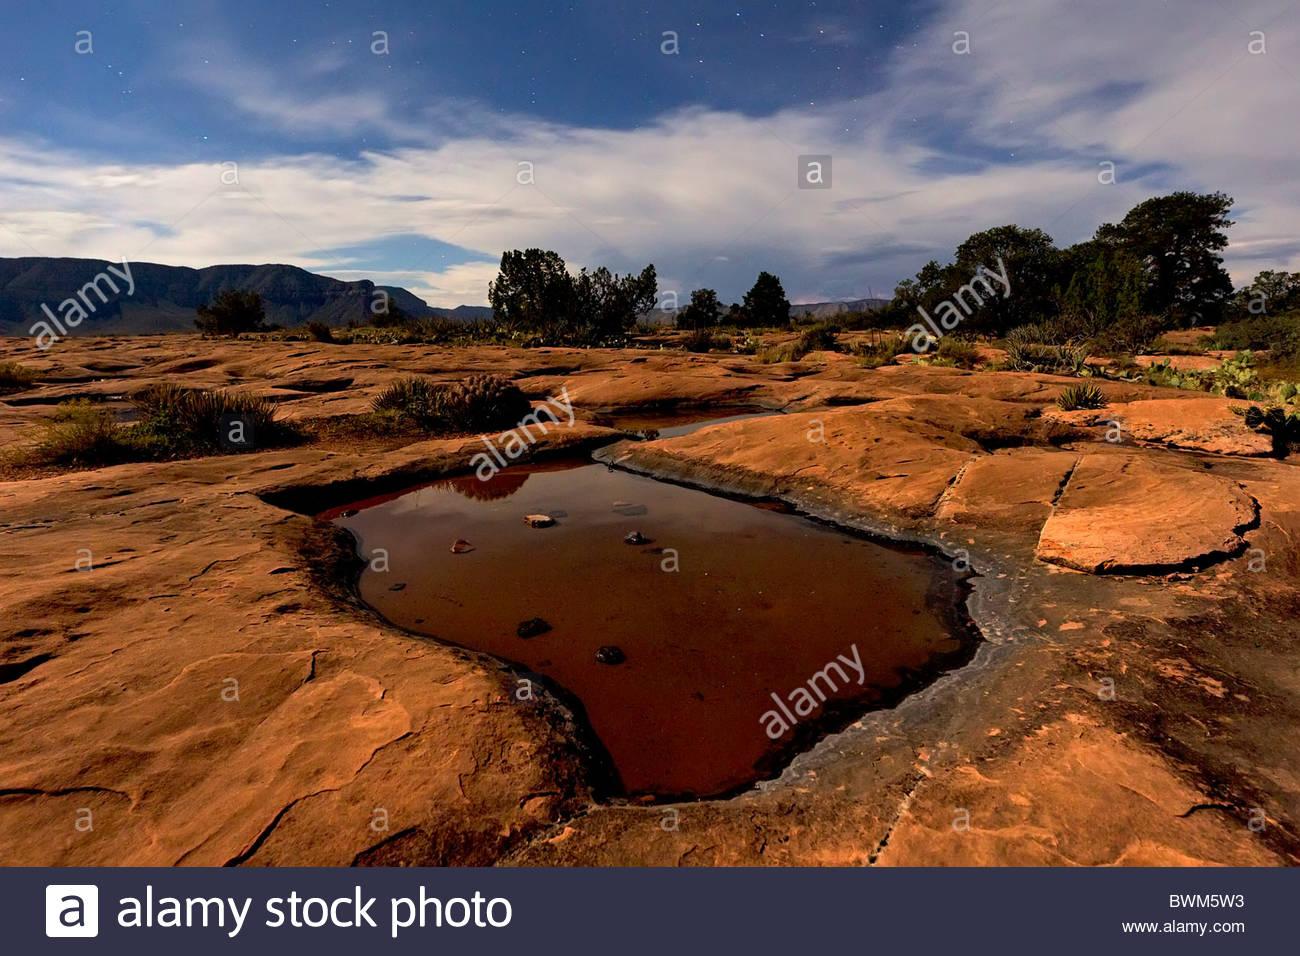 L'eau de pluie s'accumule dans plusieurs trous dans le disque, paysage désertique de grès à Photo Stock